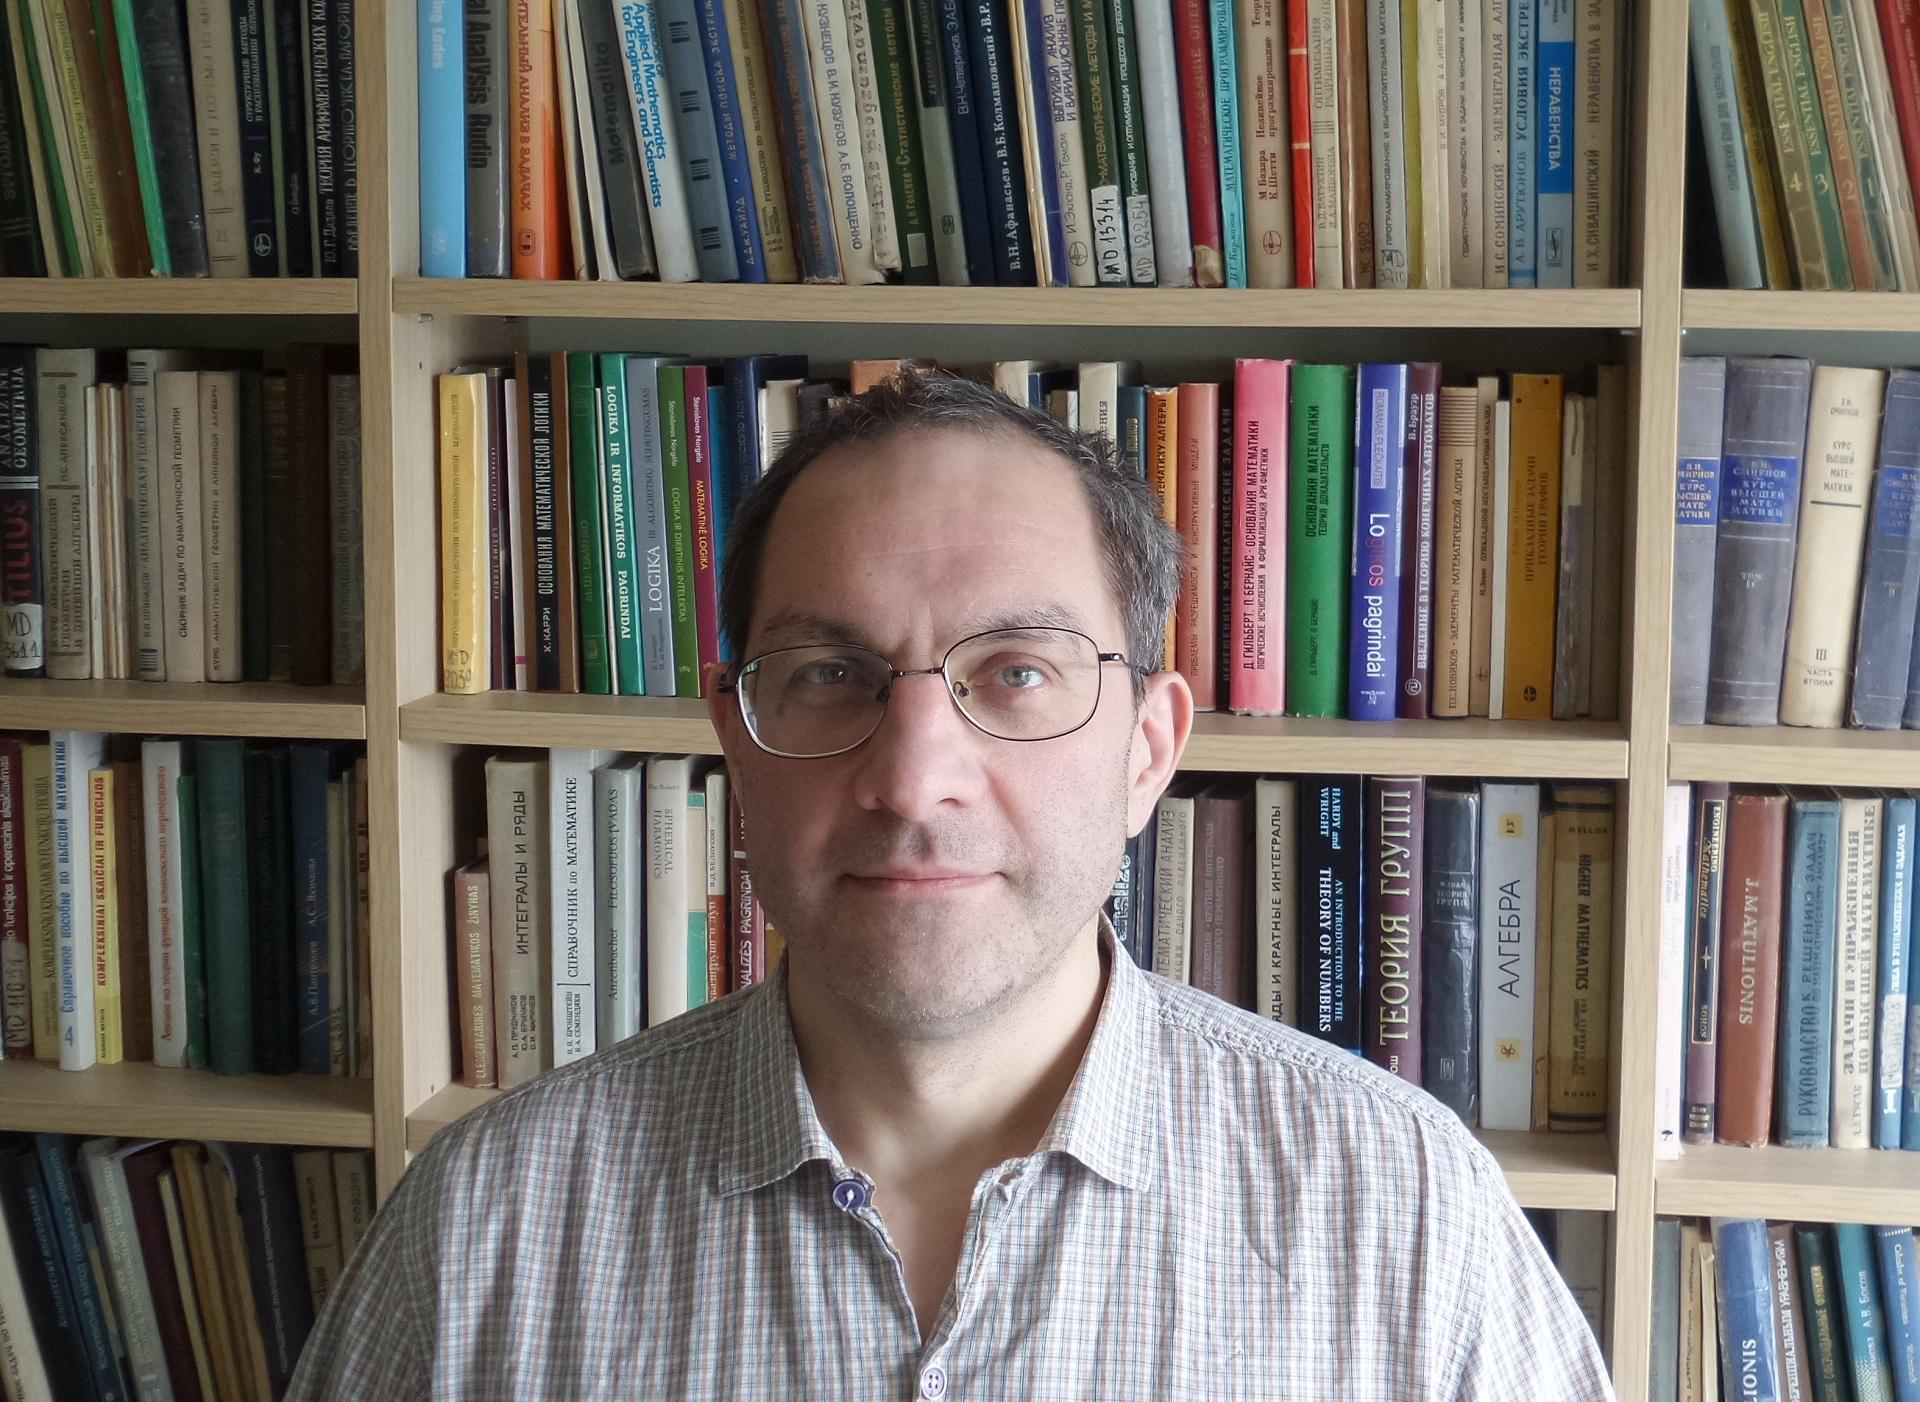 VDU lektoriaus Roberto Vilko teigimu, logiką mokyklose atstotų, jei būtų skiriama daugiau valandų matematikai. / Asmeninio archyvo nuotr.